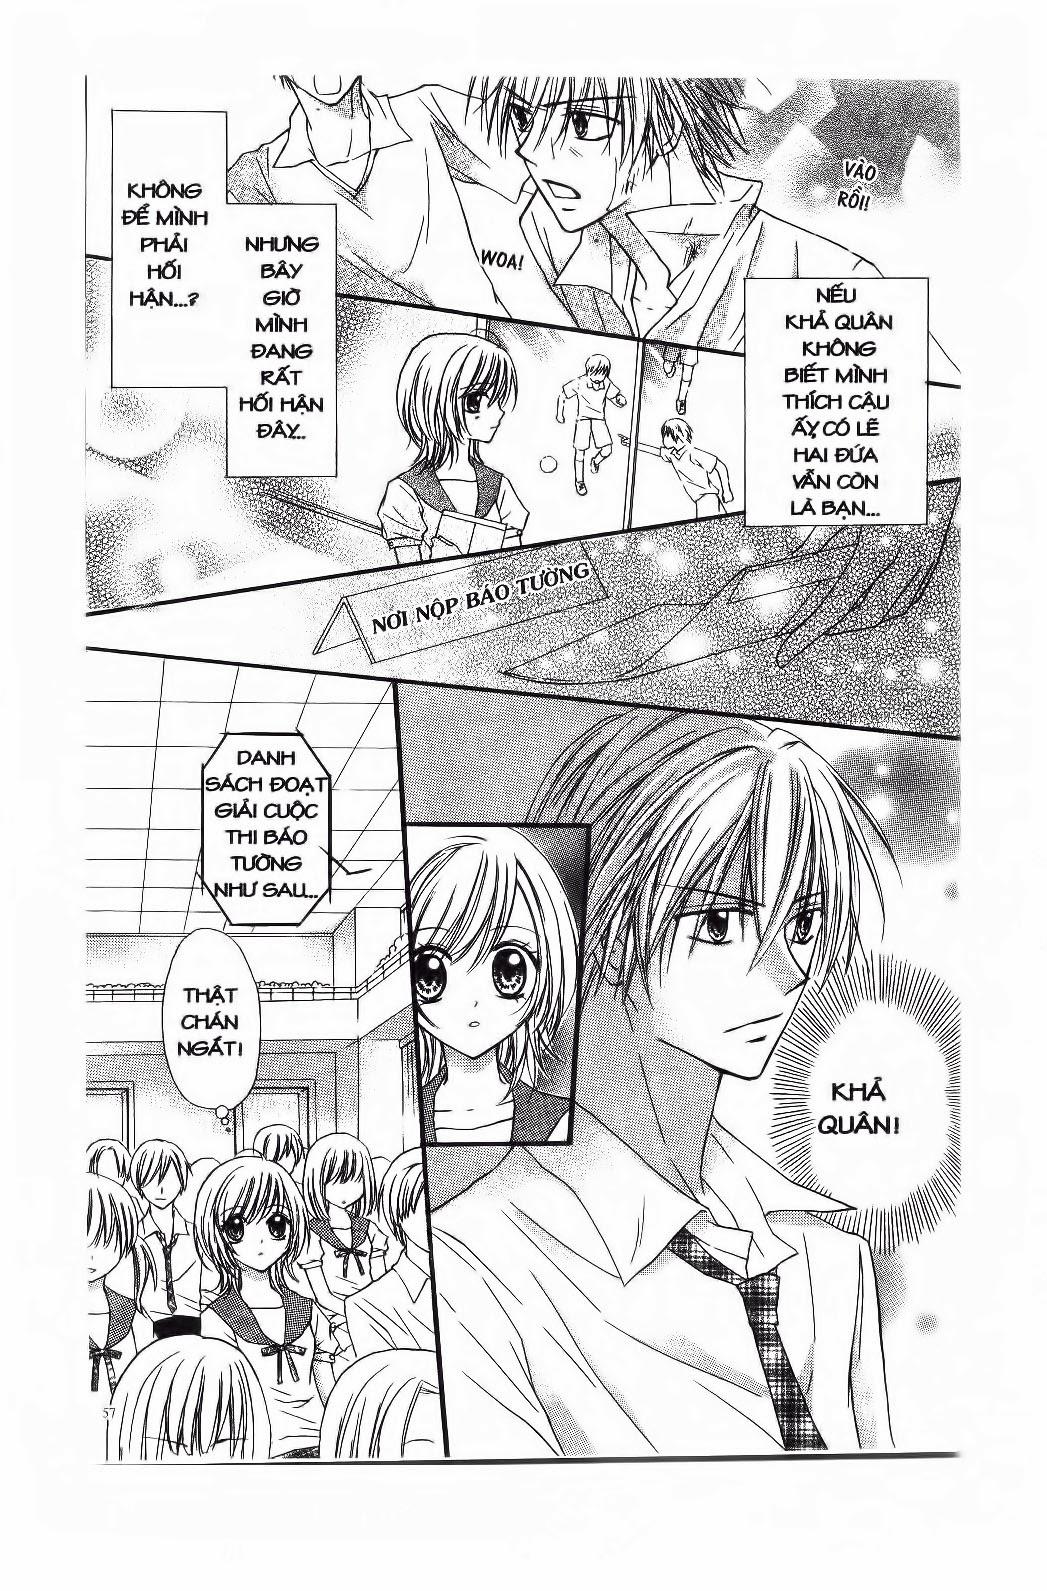 Mọt Sách đáng Yêu Chapter 3 - Trang 16